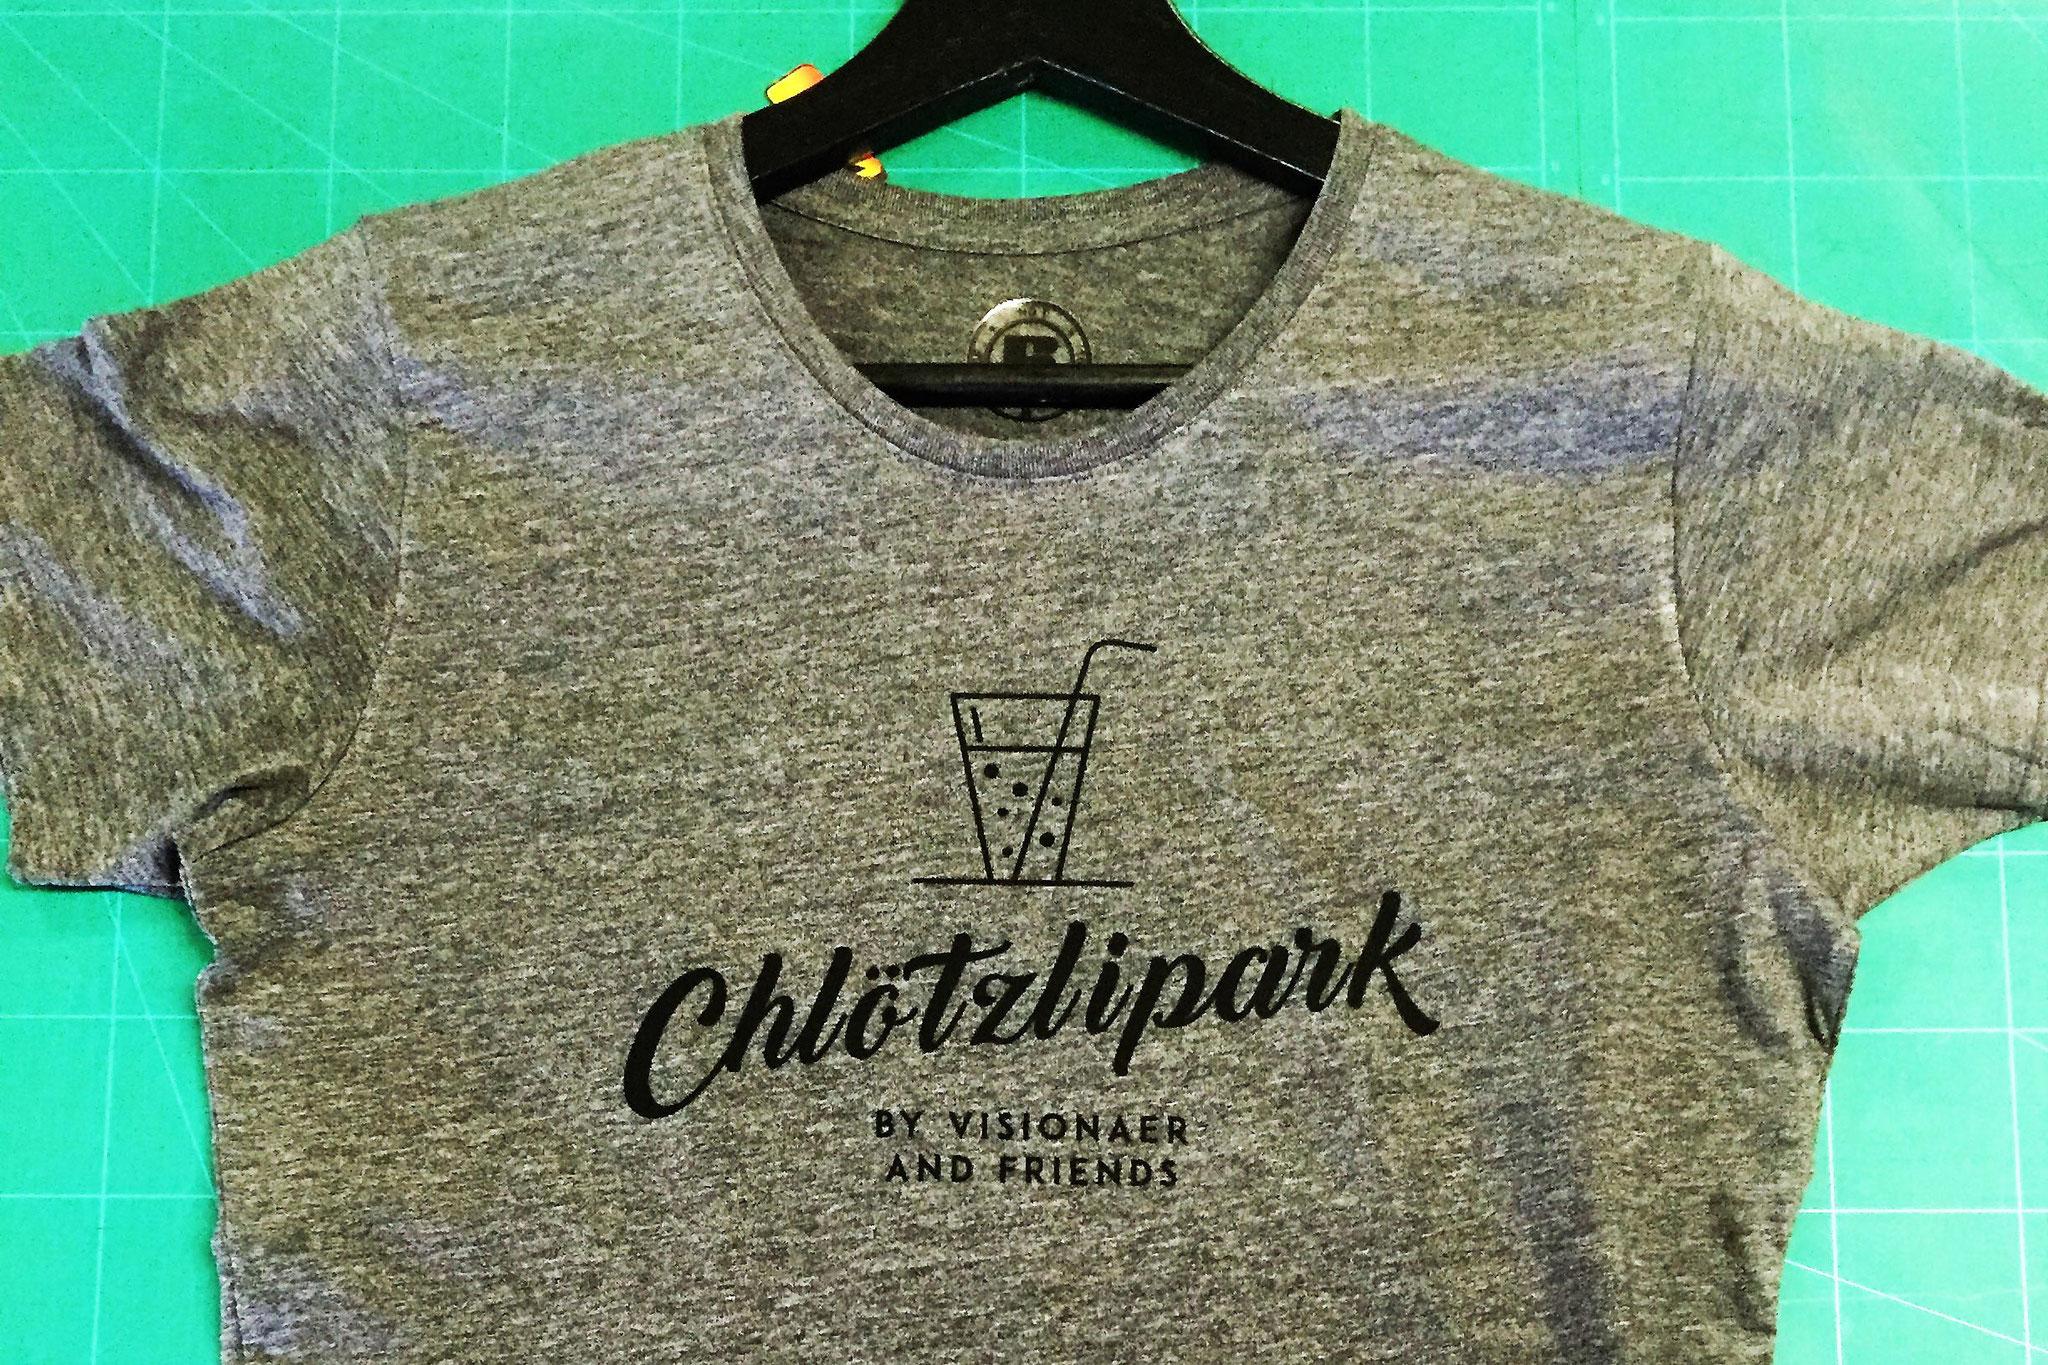 Mitarbeiter-T-Shirts für den Chlötzlipark